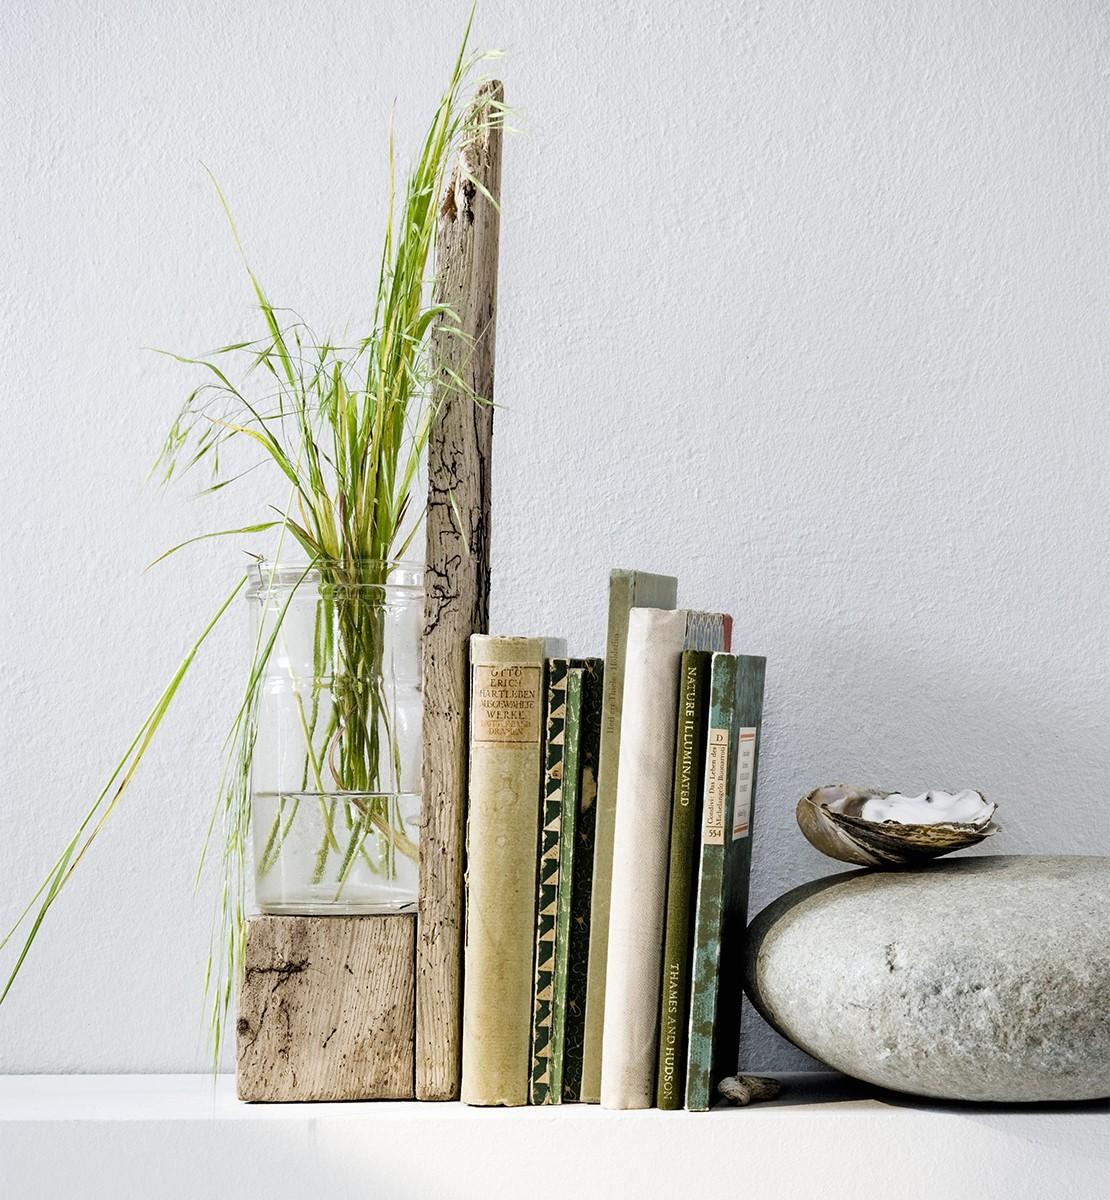 westwing-deko-mit-buechern-vase-und-pflanze